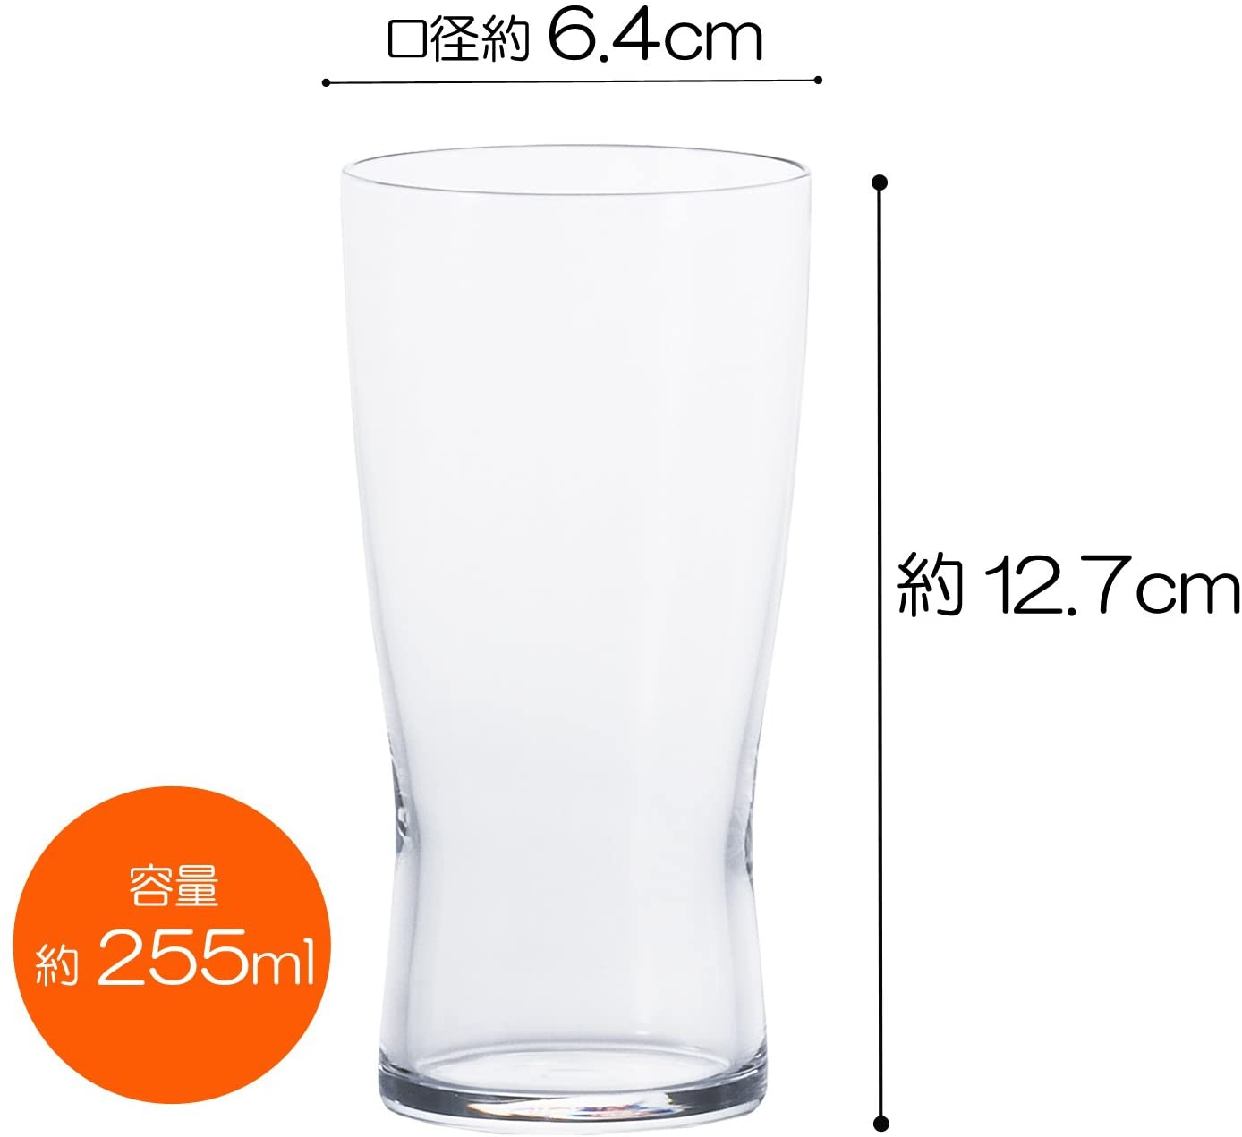 ADERIA(アデリア) 薄吹き ビアグラスの商品画像3